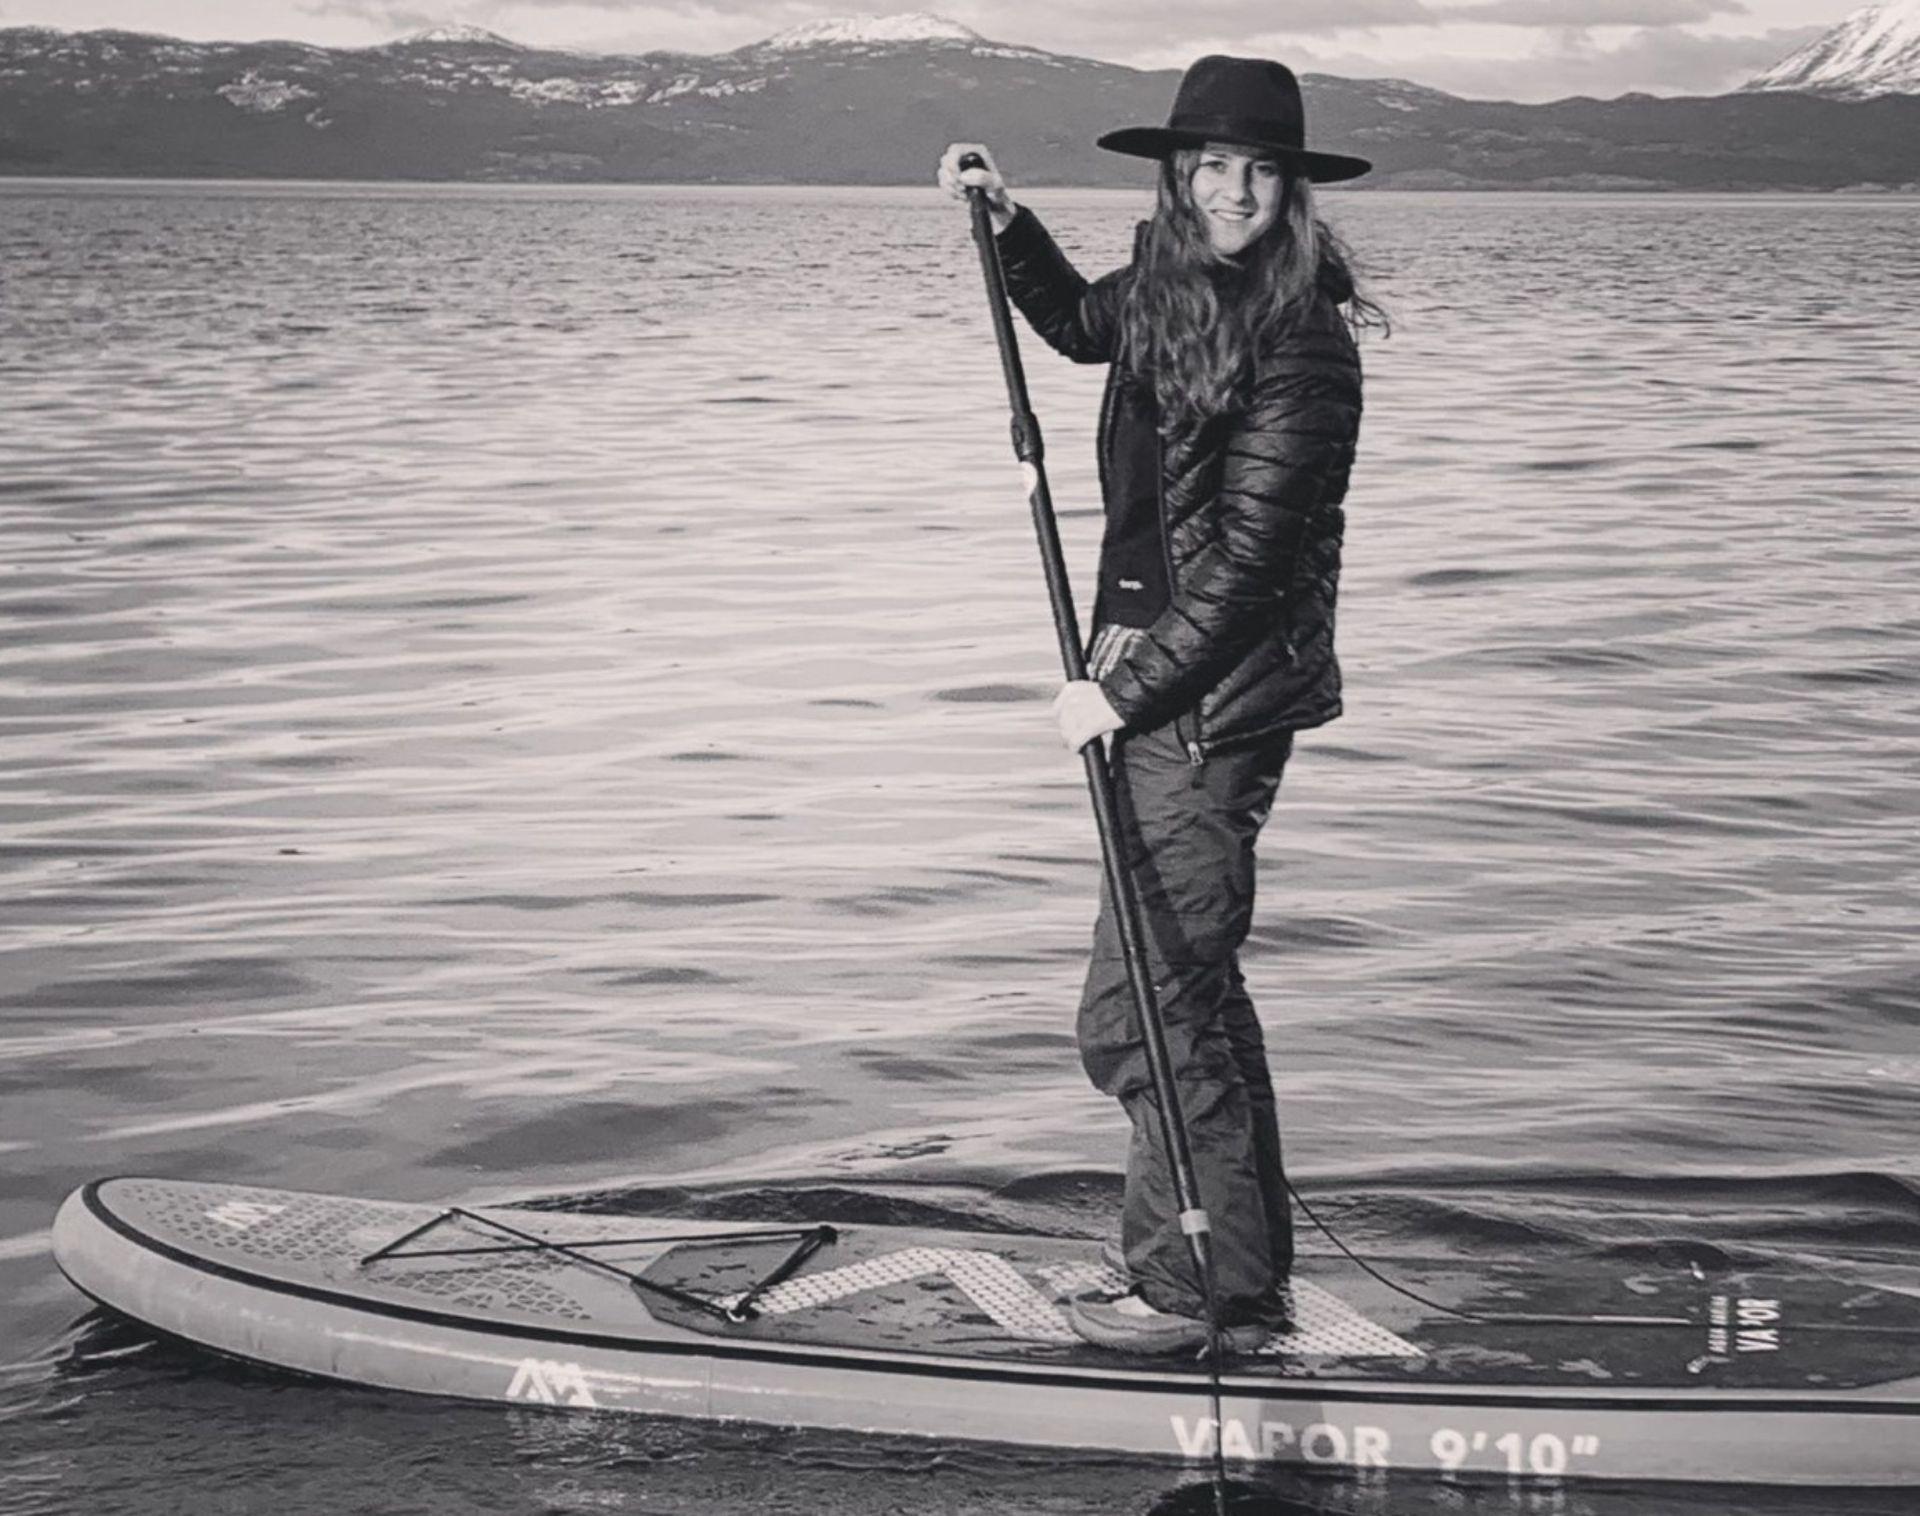 En el transcurso de su estadía en Ushuaia, cuenta, empezó a practicar SUP (Stand Up Paddle) por lo que se compró una tabla que la lleva siempre en el baúl de su auto.